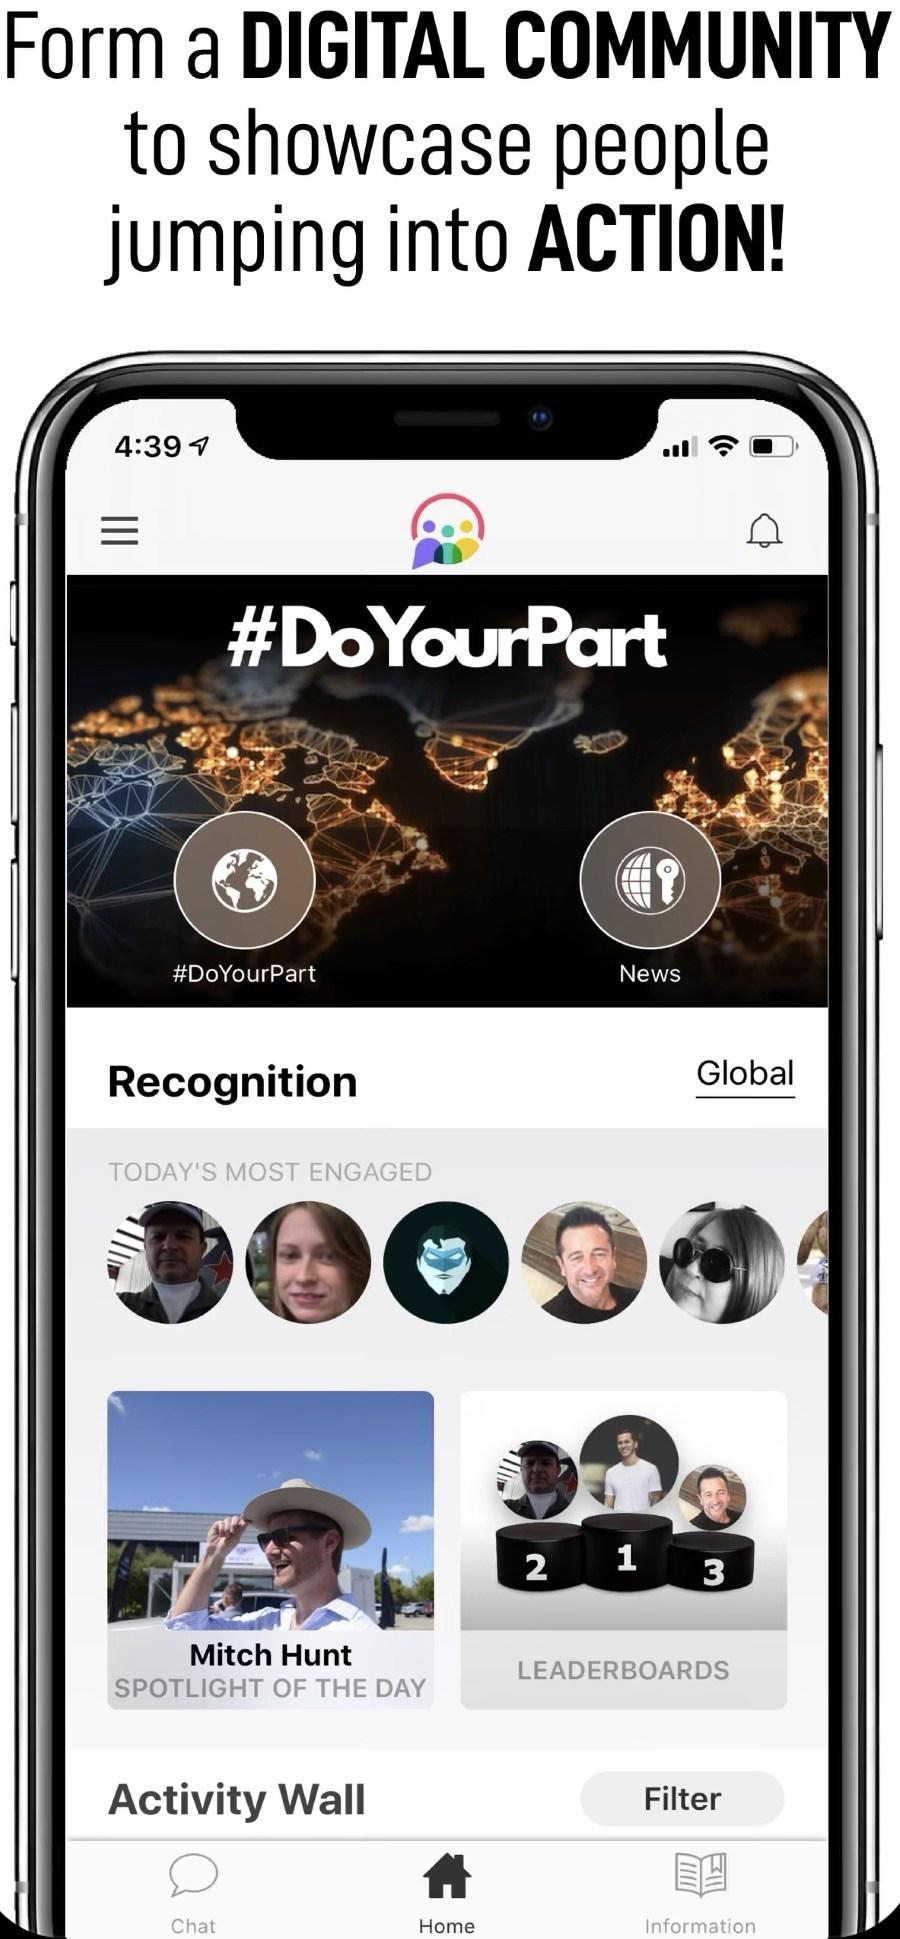 http://bpxo9.app.link -> #DoYourPart App and Website